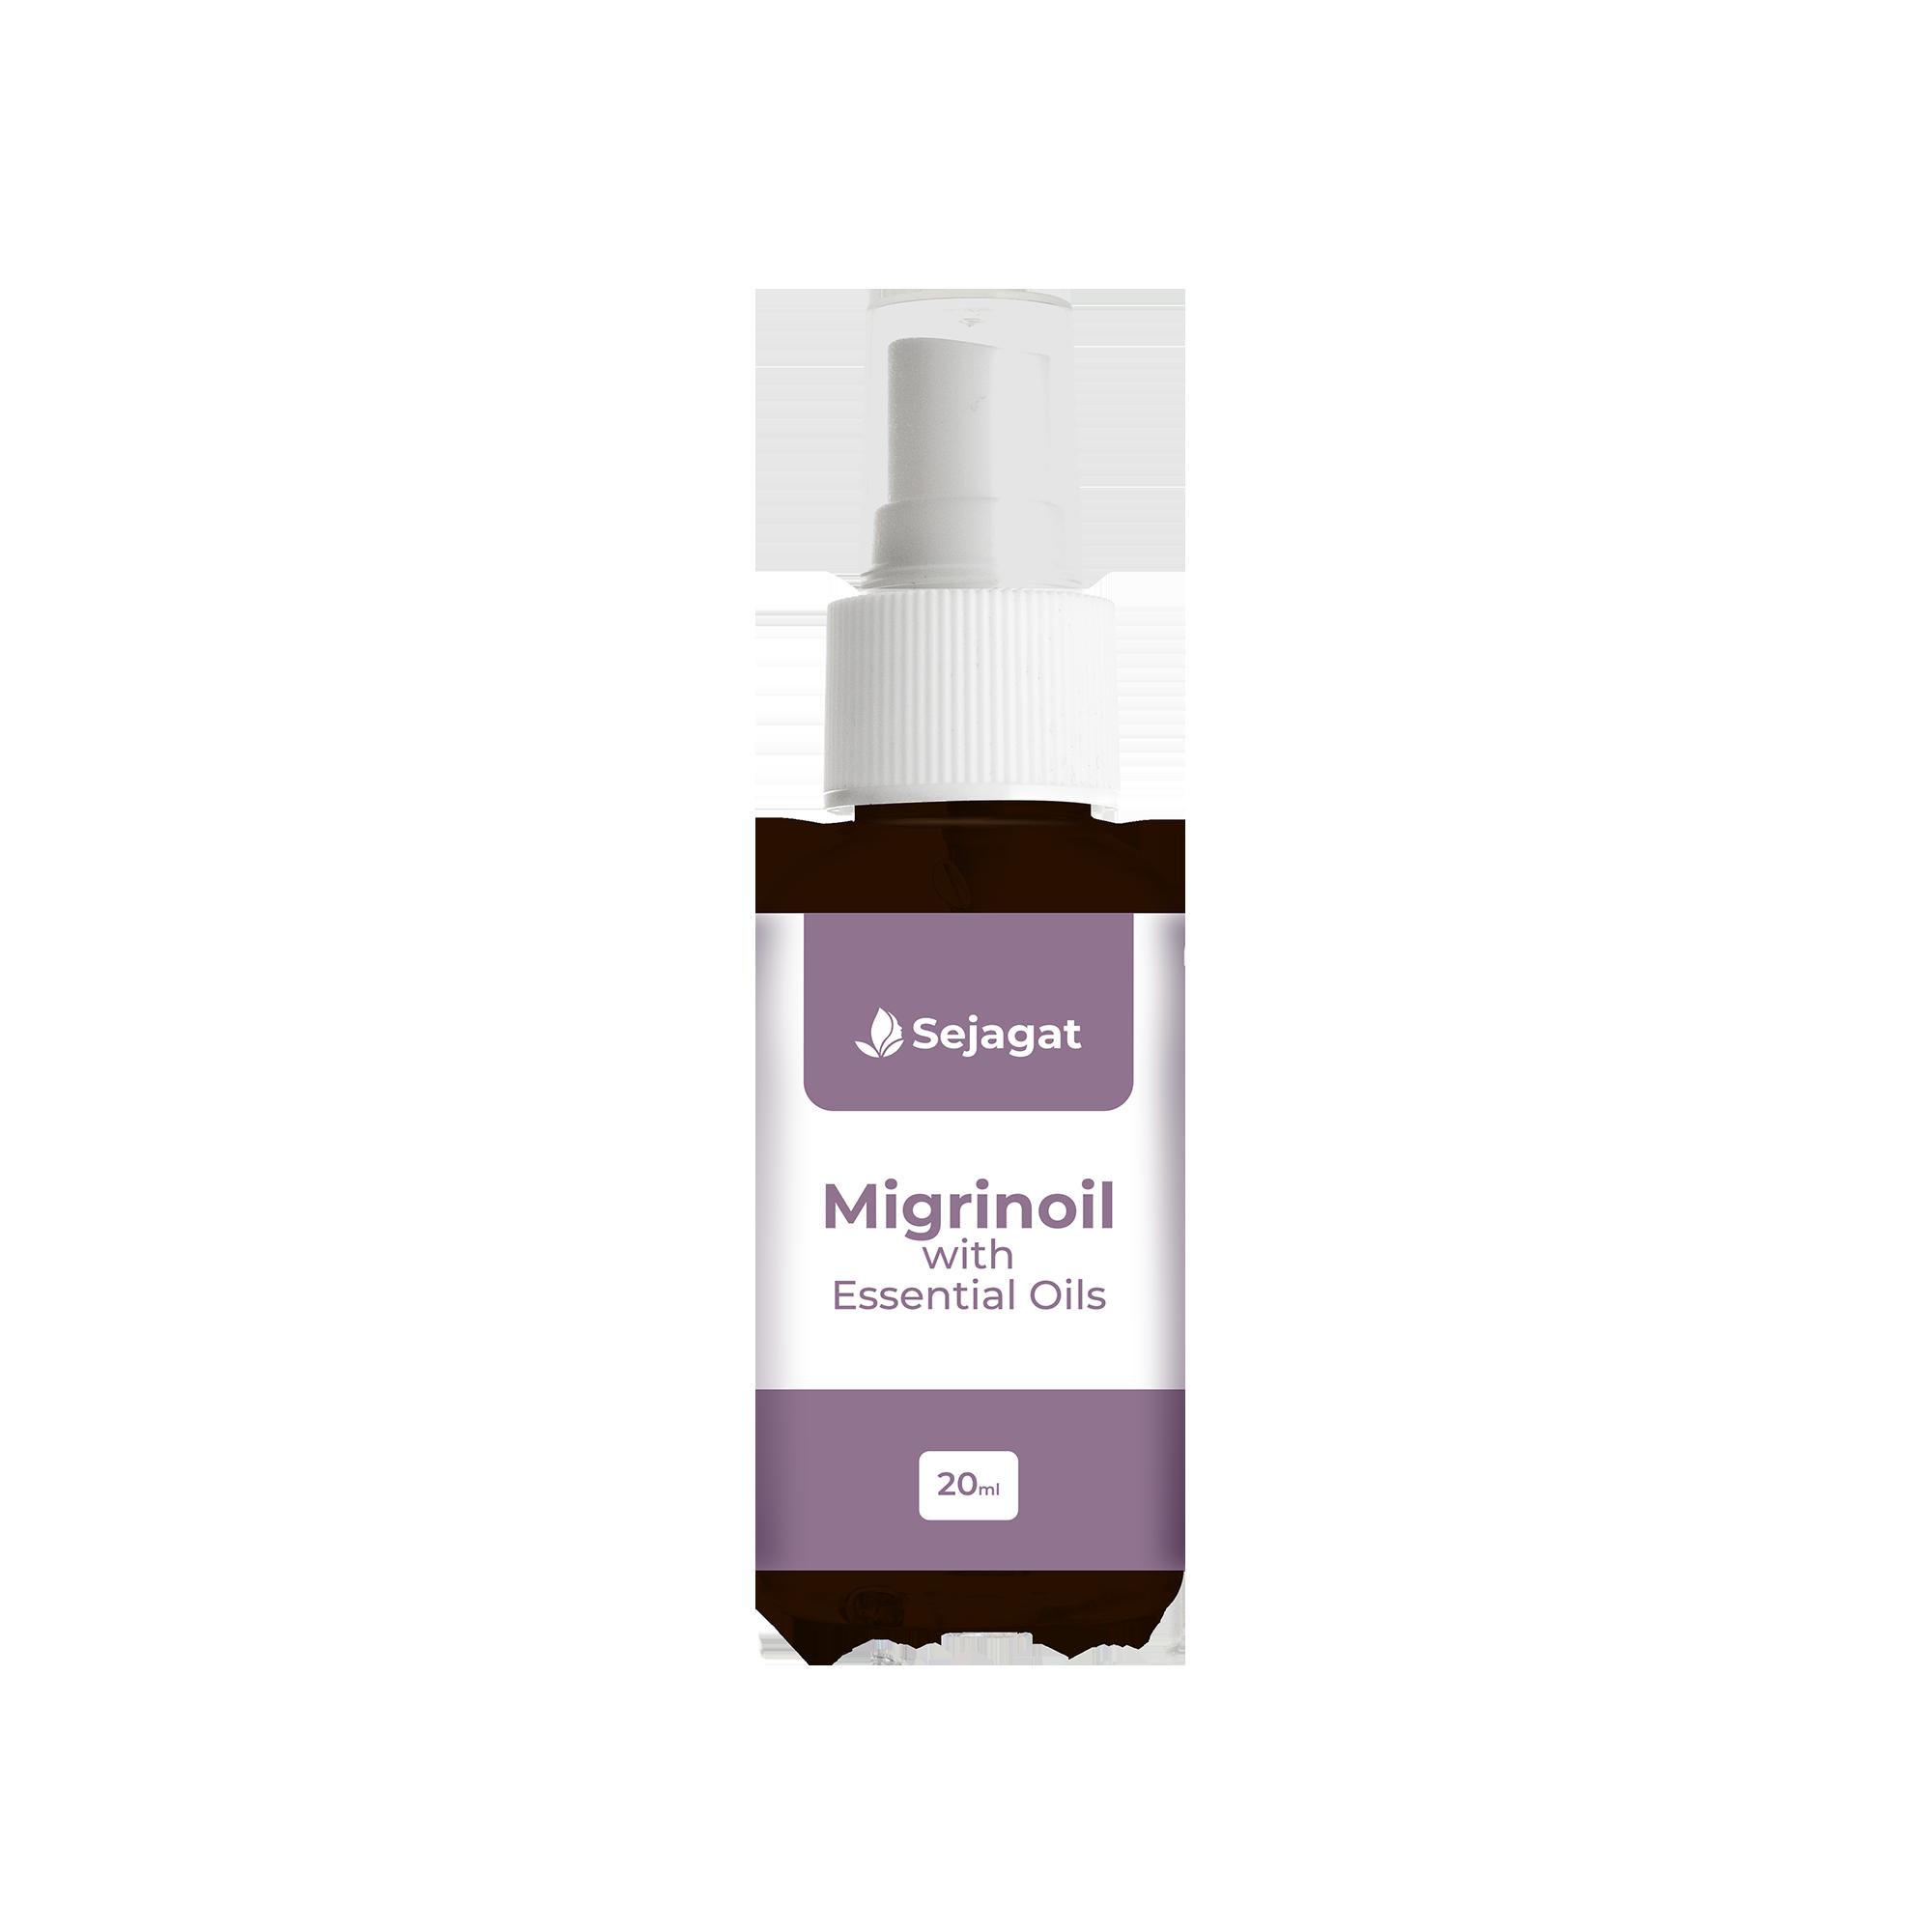 Migrinoil